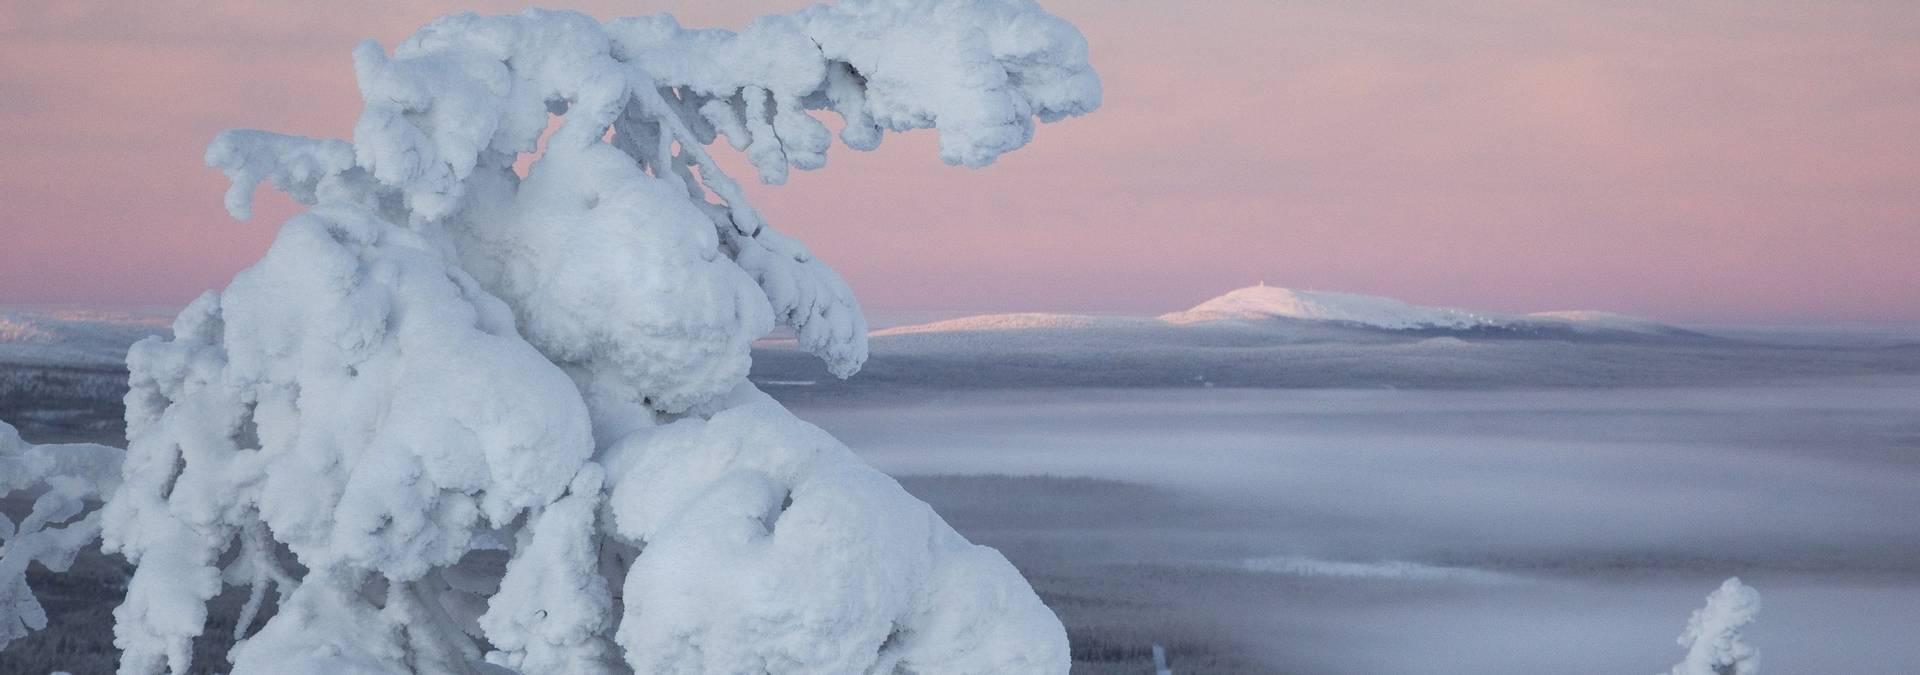 Pyhä_Luosto_National_Park_Finland RESIZED Credit Tea Karvinen.jpg